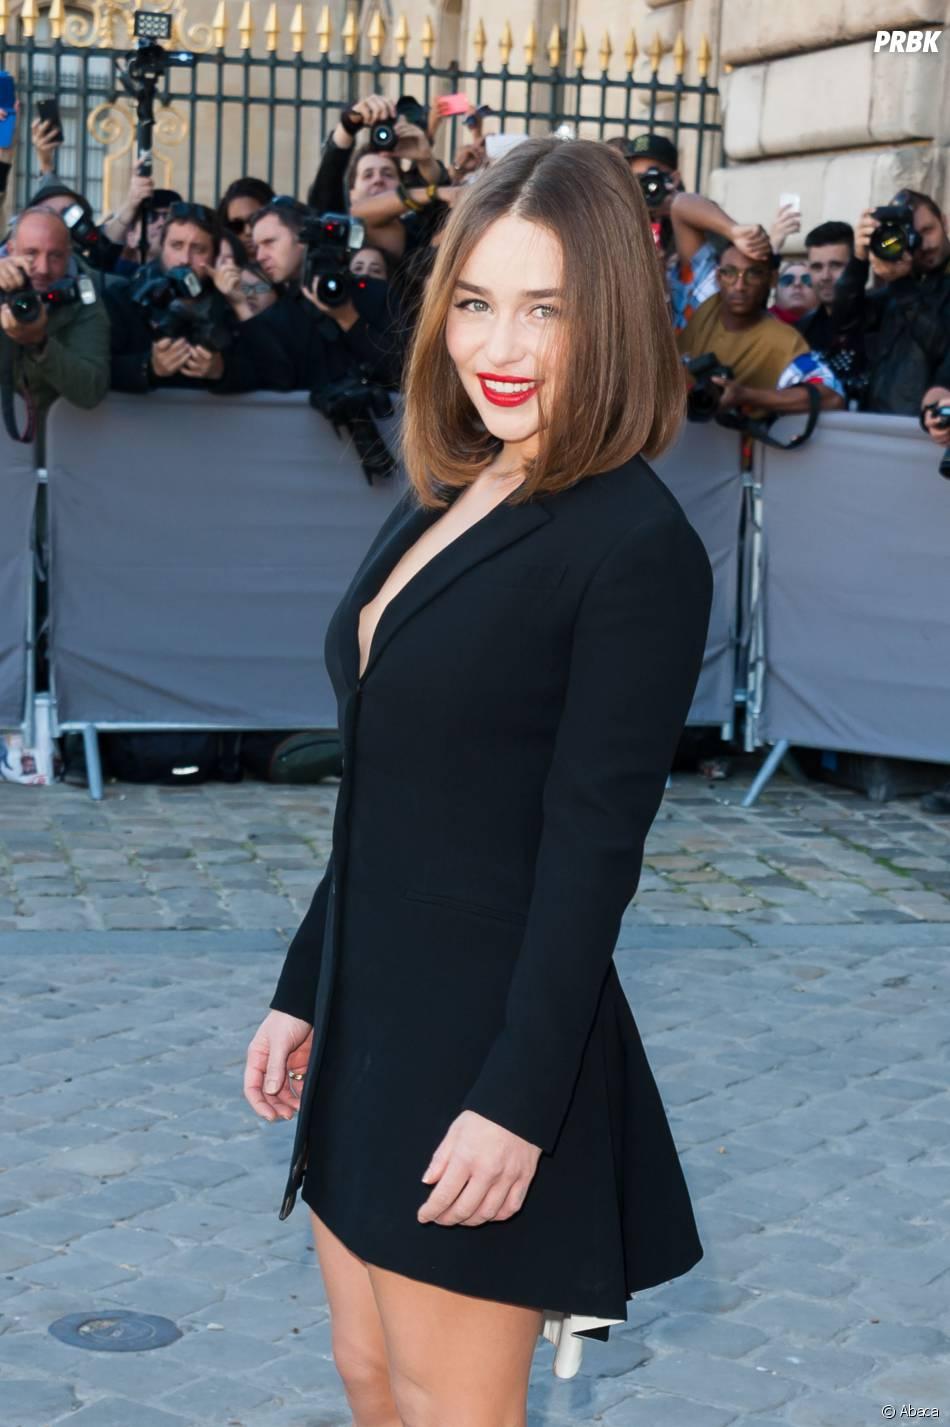 2db6cca6979 Emilia Clarke sexy en petite robe noire au défilé Dior à Paris le 2 octobre  2015